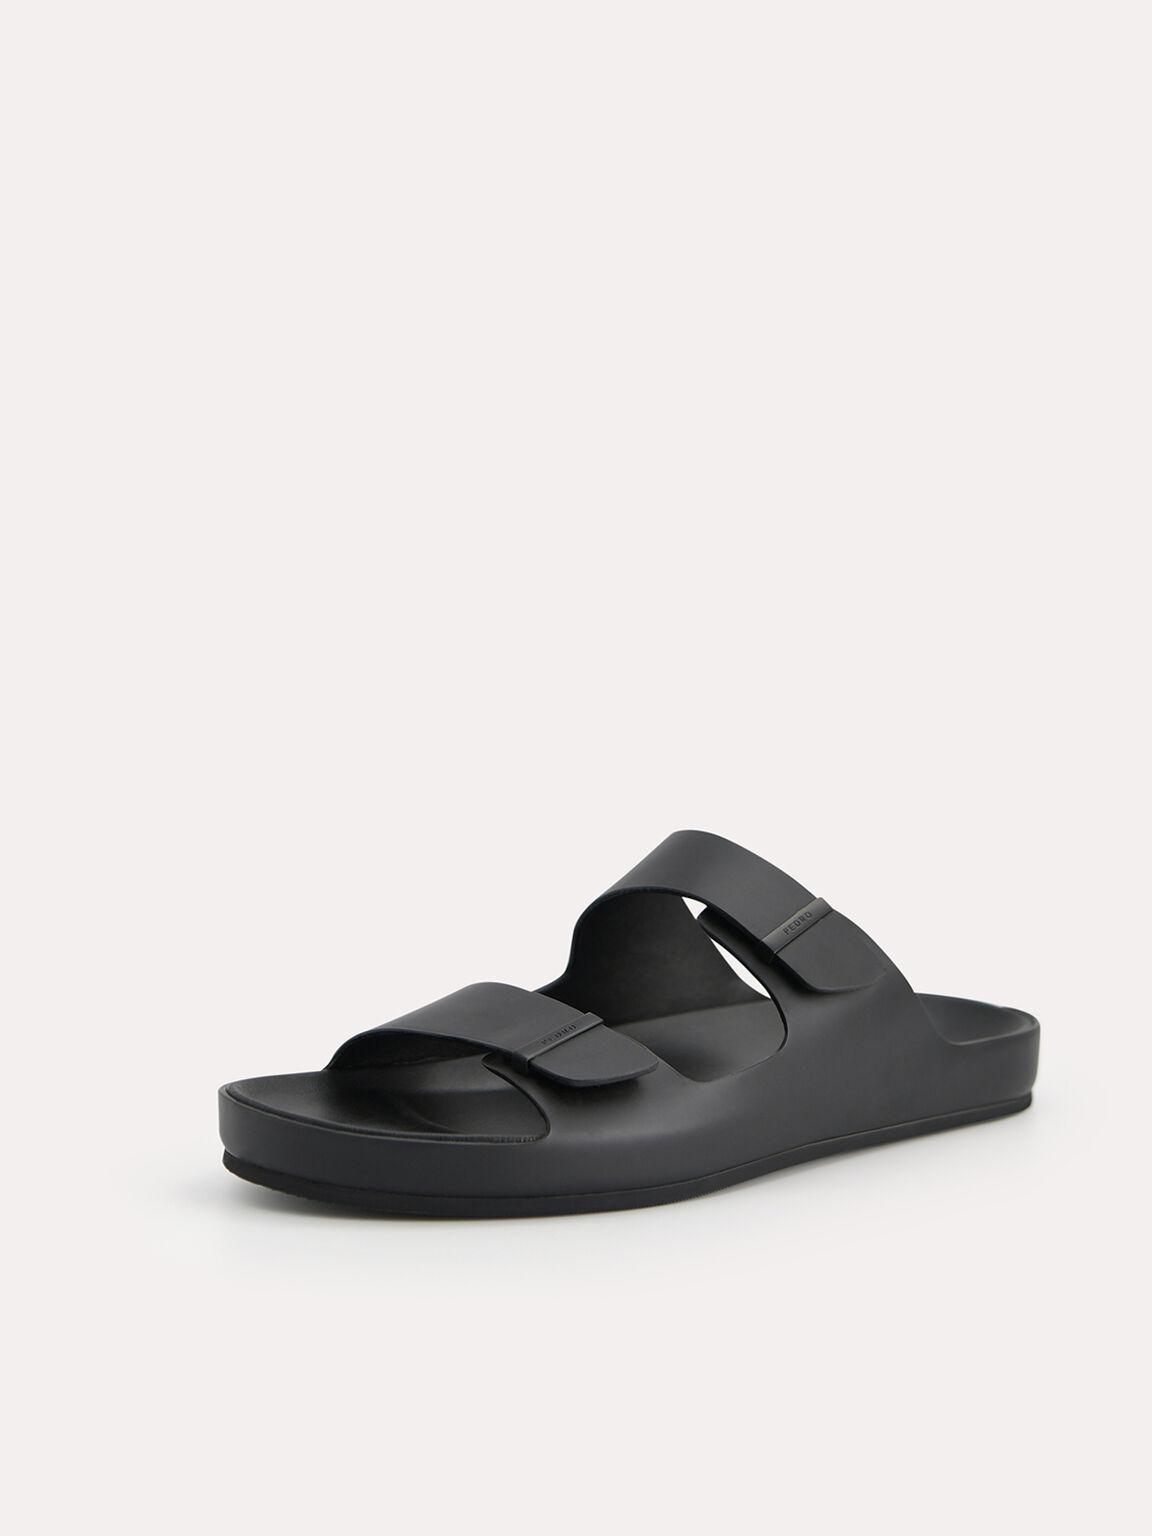 Double Strap Sandals, Black, hi-res